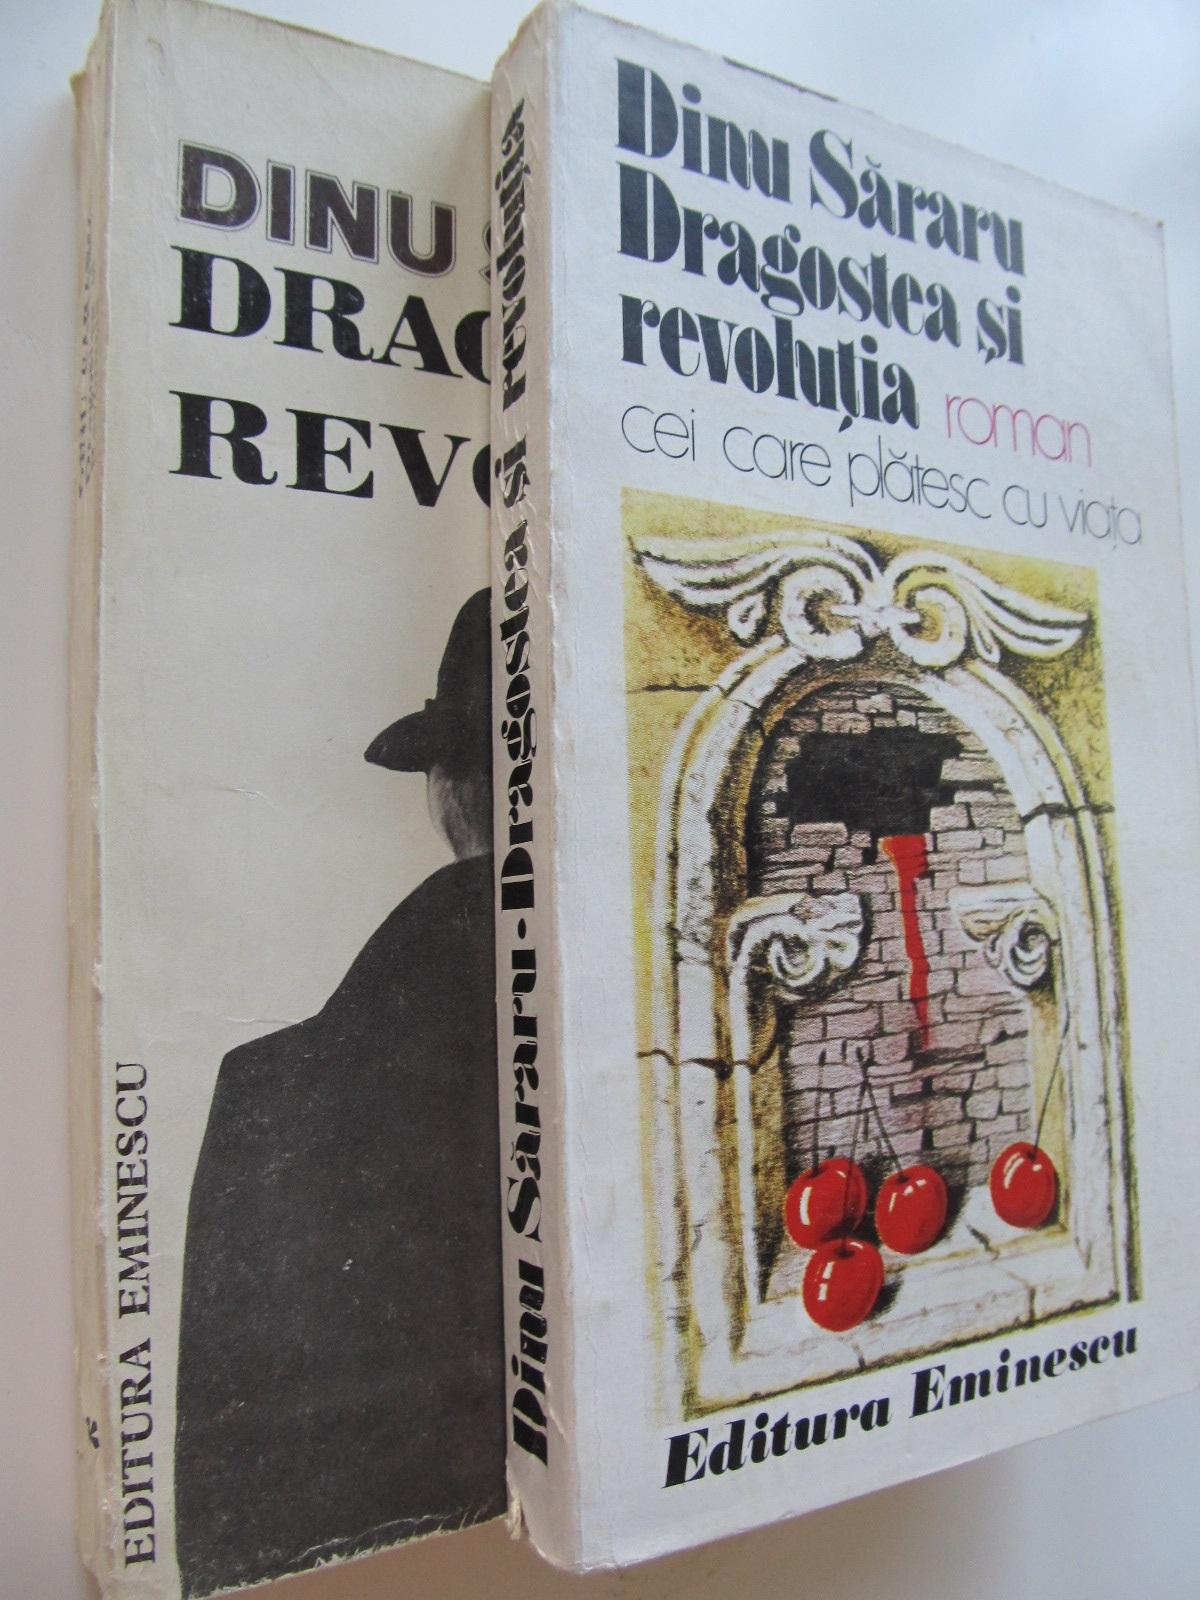 Dragostea si revolutia (2 vol.) - Dinu Sararu | Detalii carte